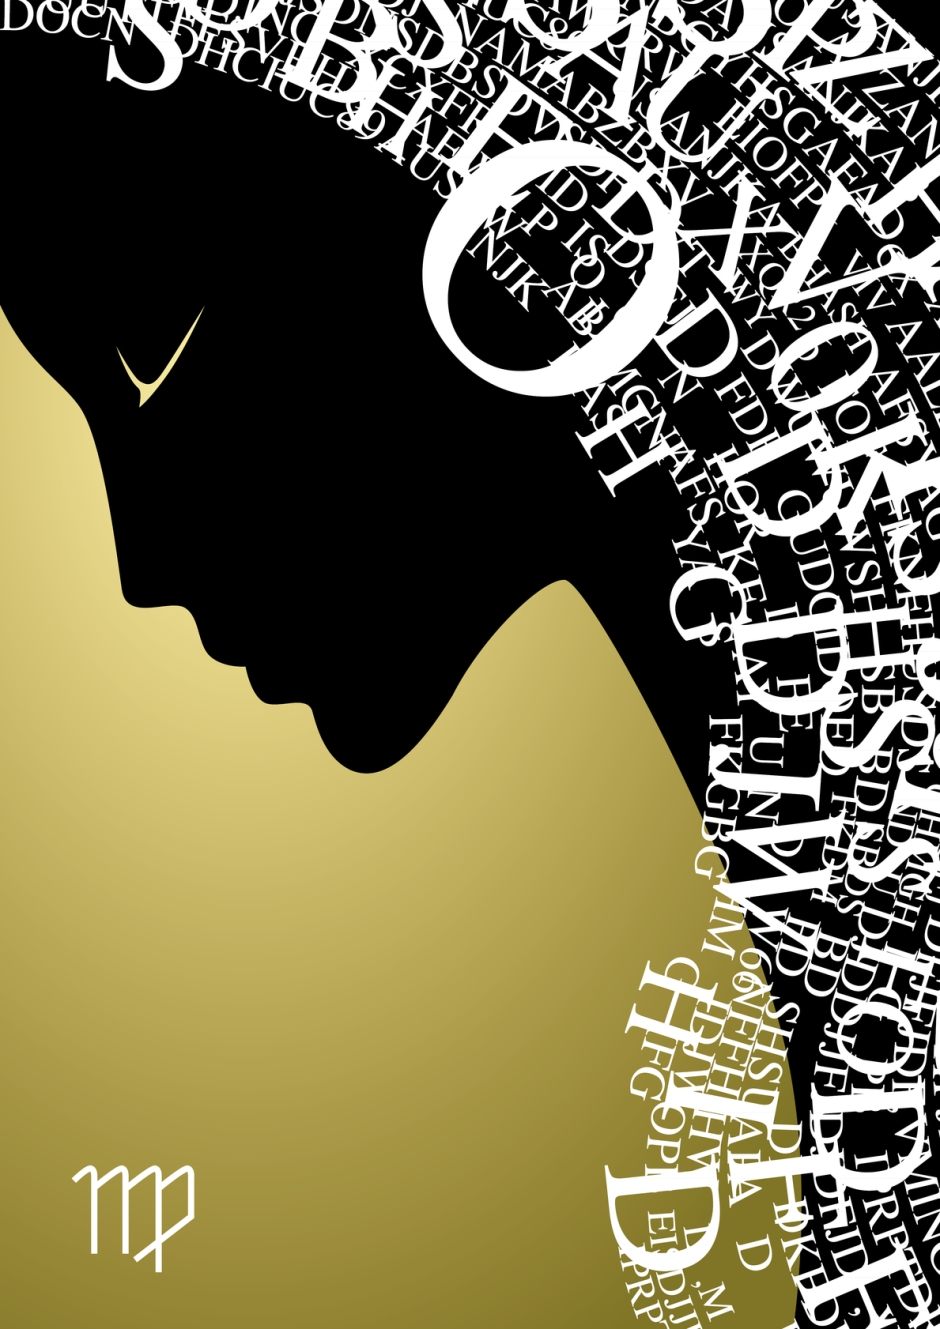 zodiac sign virgo- vector illustration